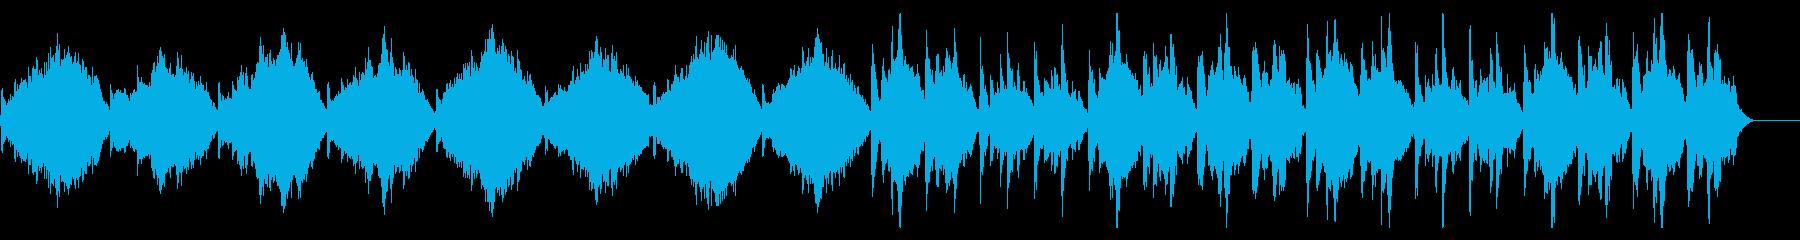 冷たく不穏なオーケストラ〜サスペンス映画の再生済みの波形